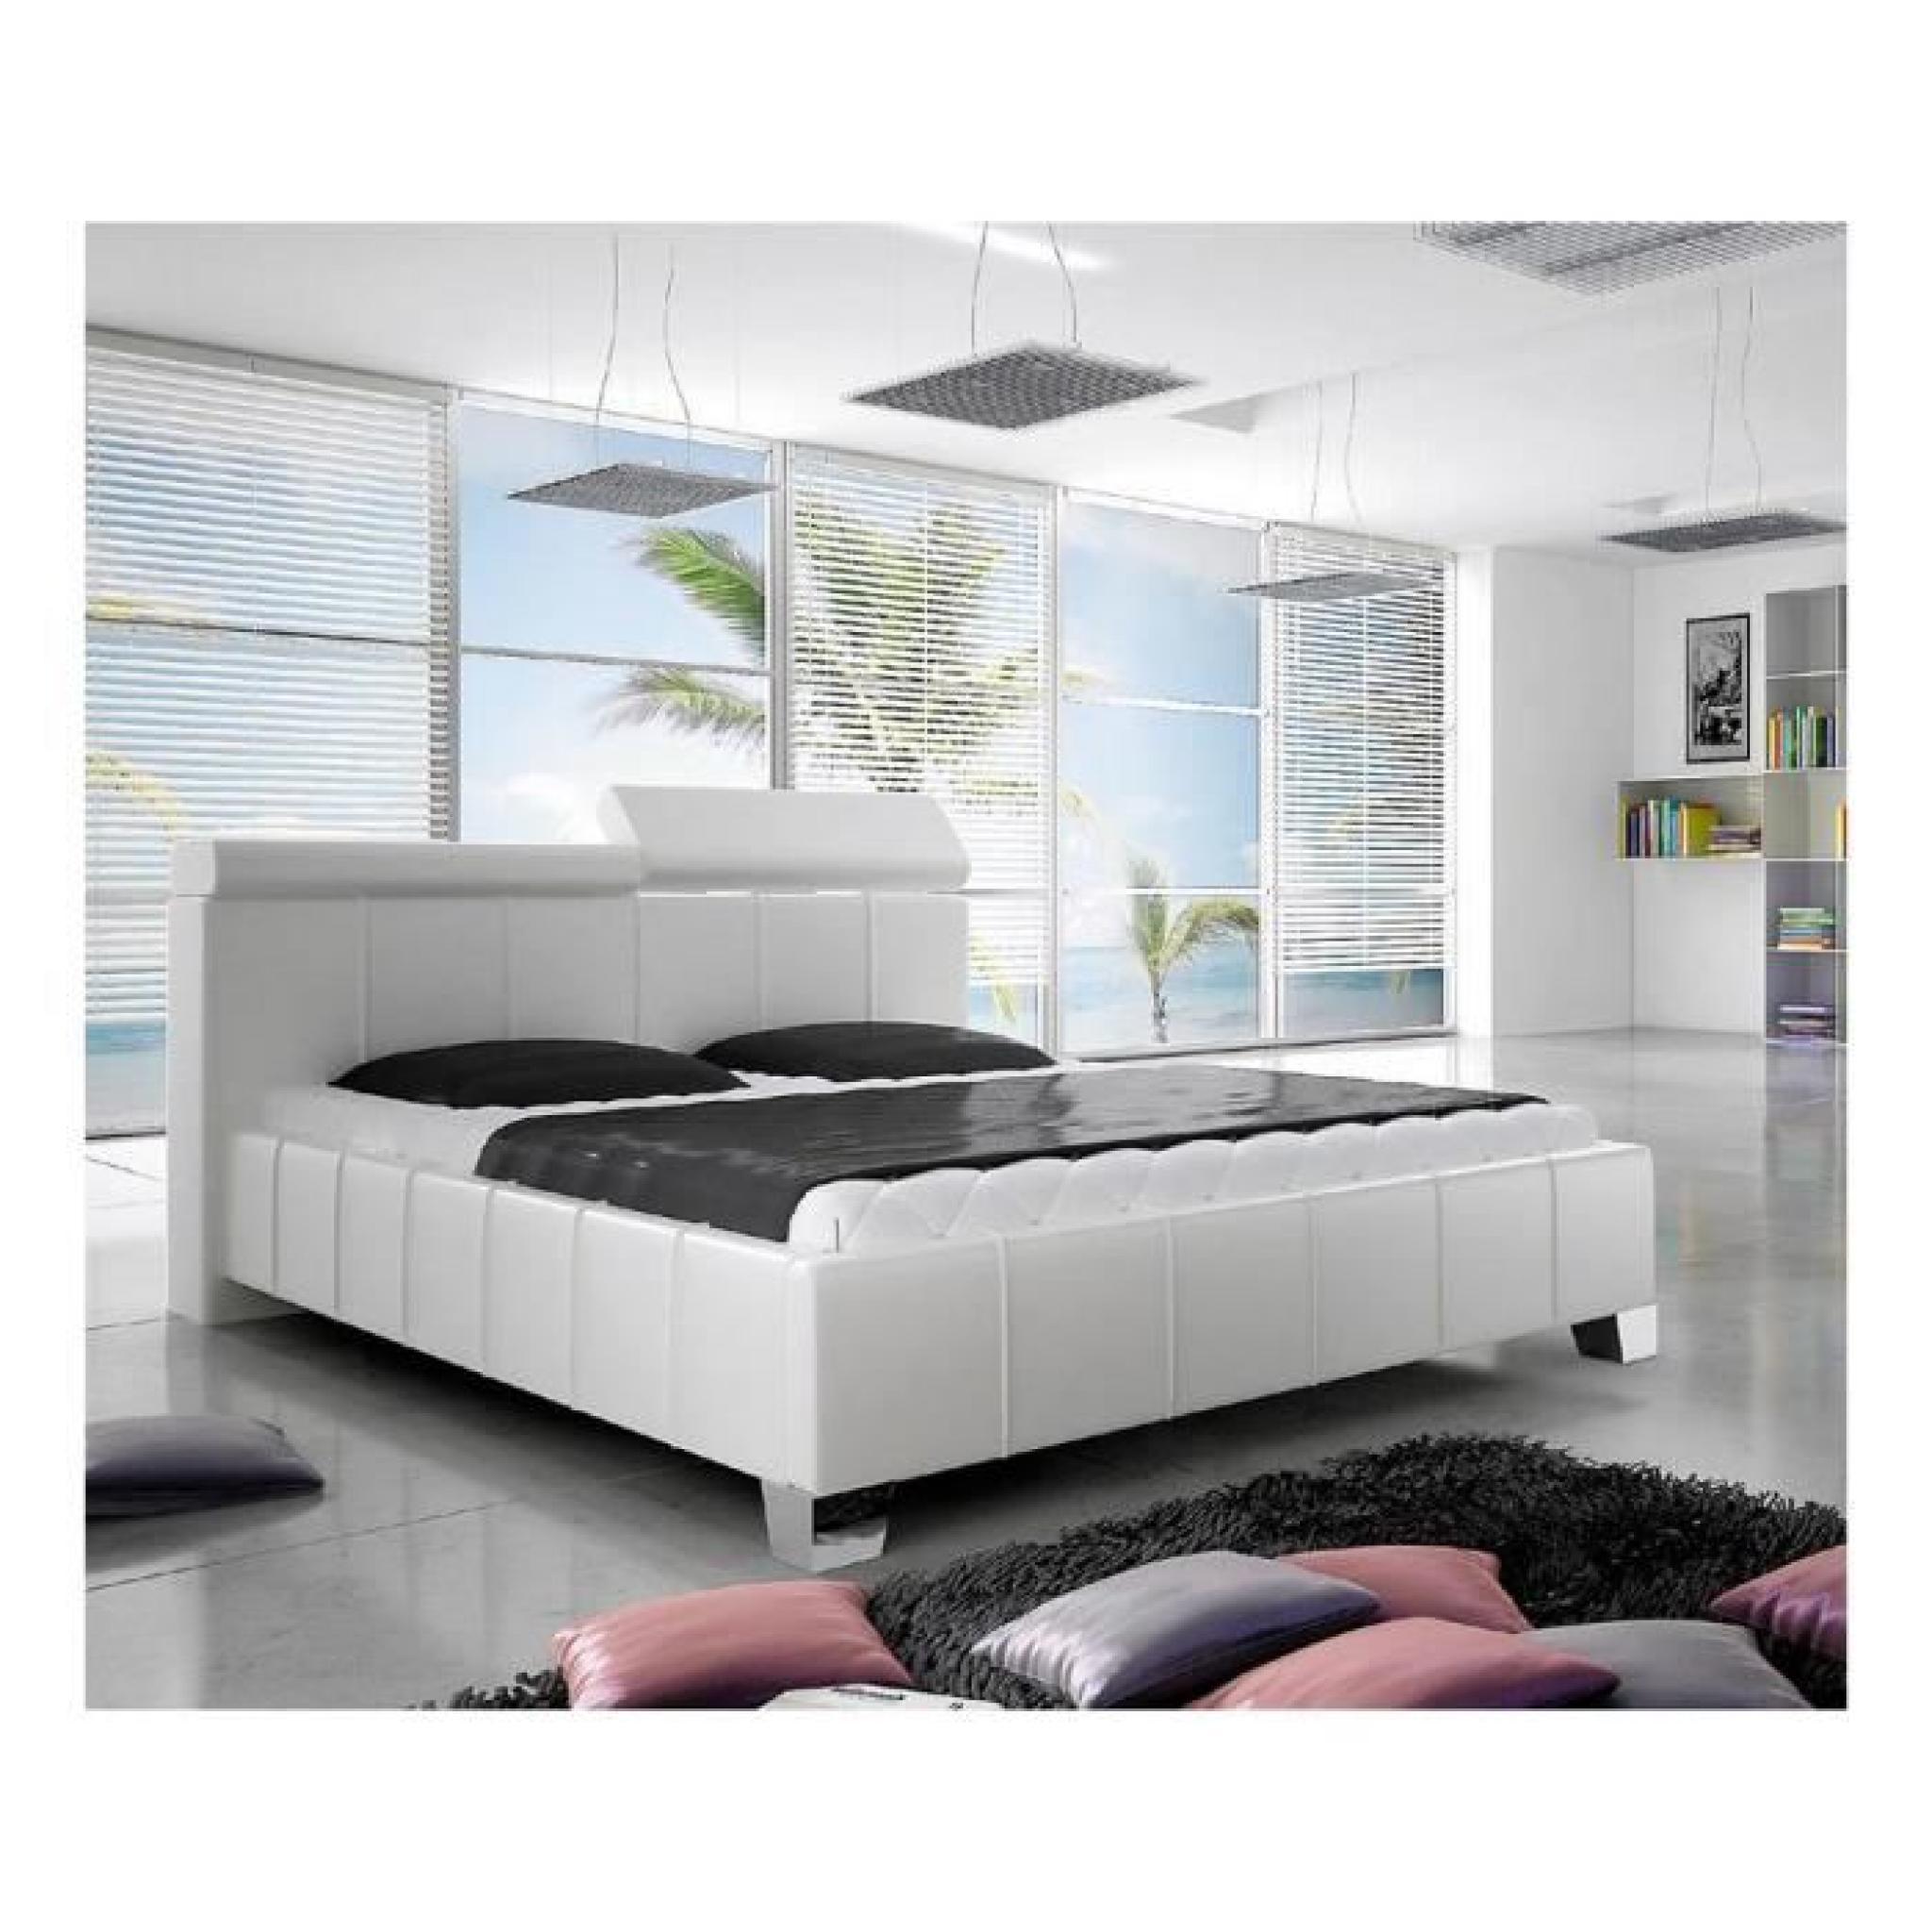 madeira lit rembourr en cuir cologique noir 17 140x200 cm achat vente lit pas cher couleur. Black Bedroom Furniture Sets. Home Design Ideas